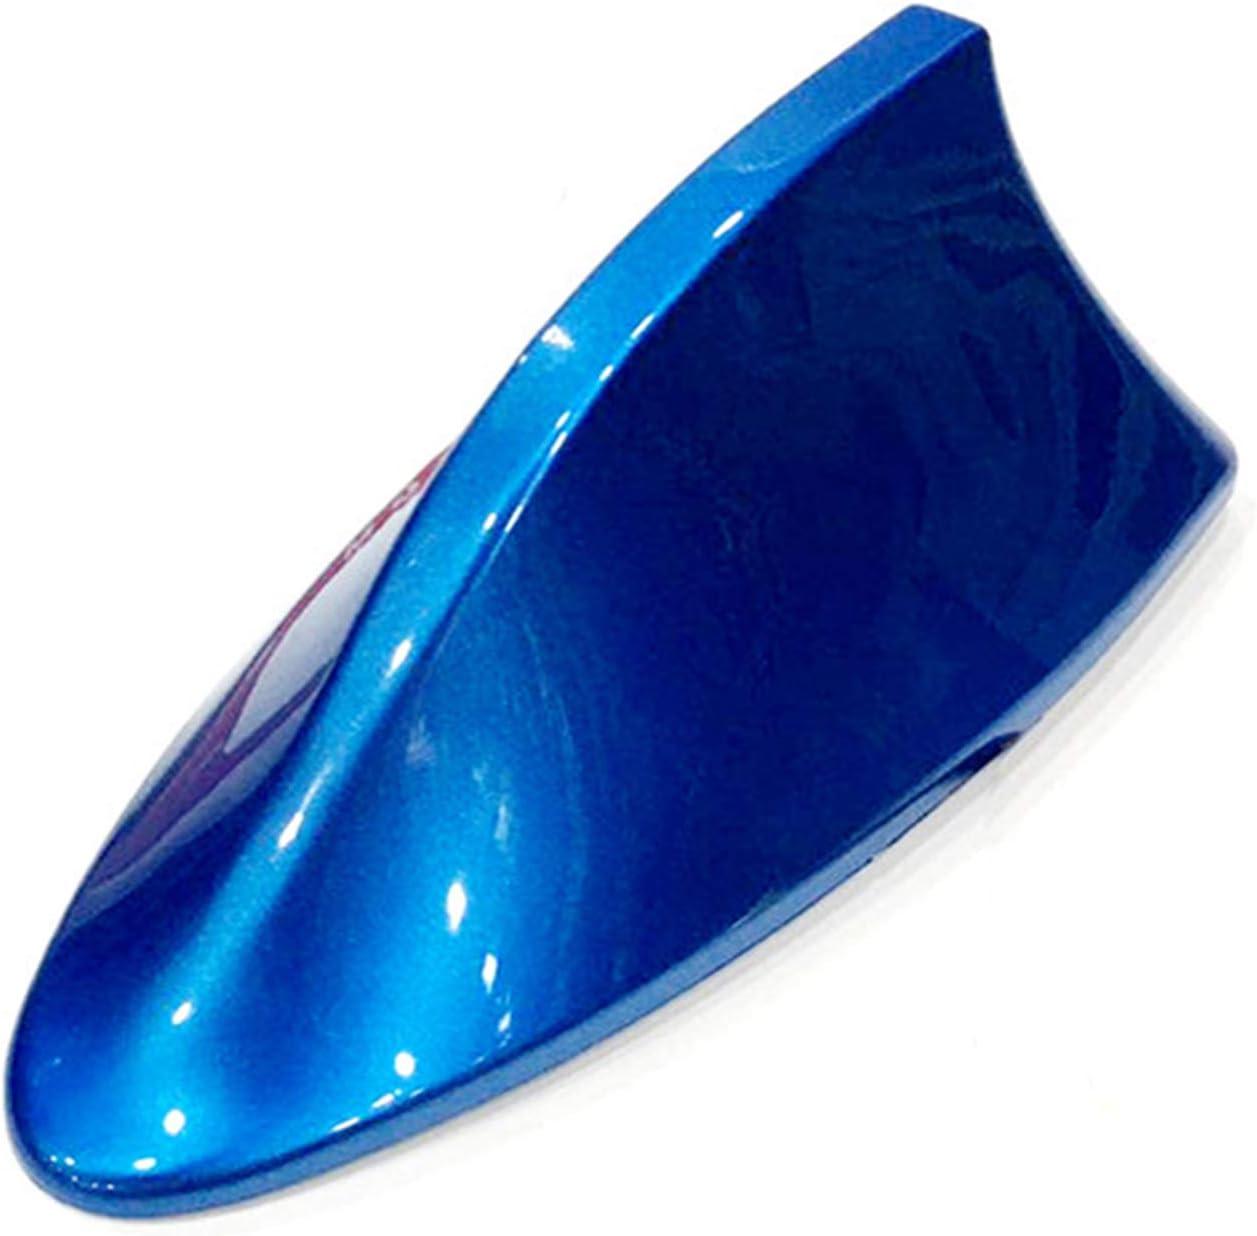 Antena para Coche, Antena de Aleta de tiburón, señal Am FM, Antena de Radio para Coche con Adhesivo ABS Barniz Pintura Decoración (Nacarado, Azul)